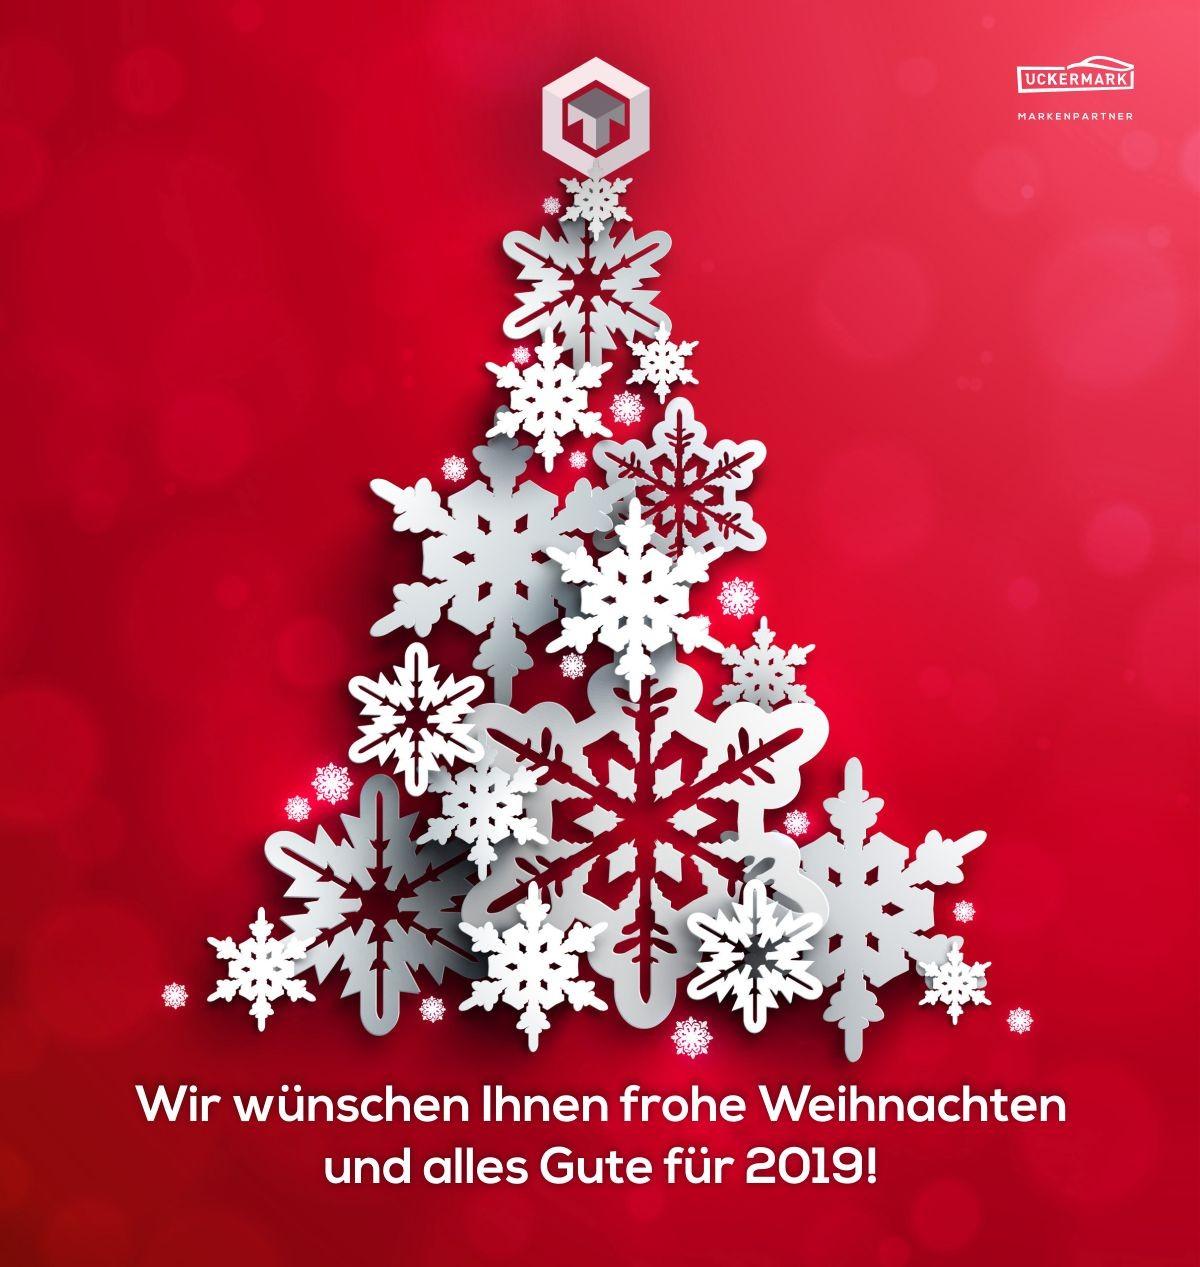 Weihnachtsw-nsche20185c17548a25849